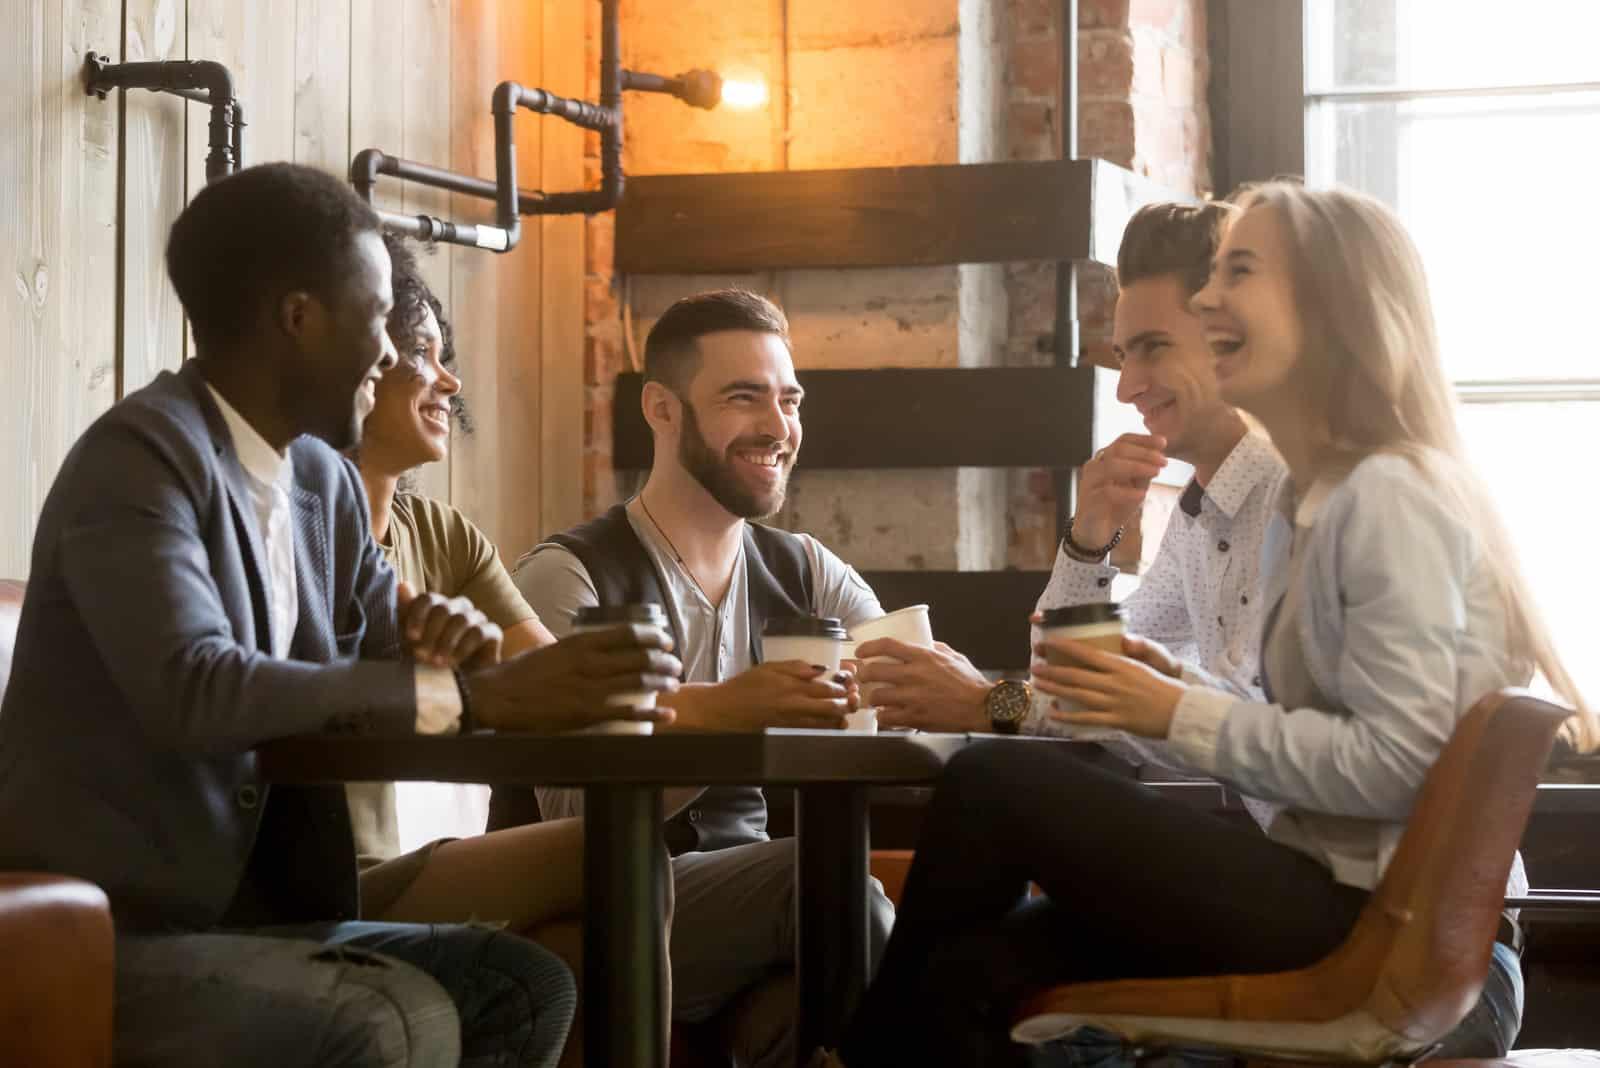 Freunde, die Spaß haben und lachen, trinken Kaffee im Kaffeehaus?